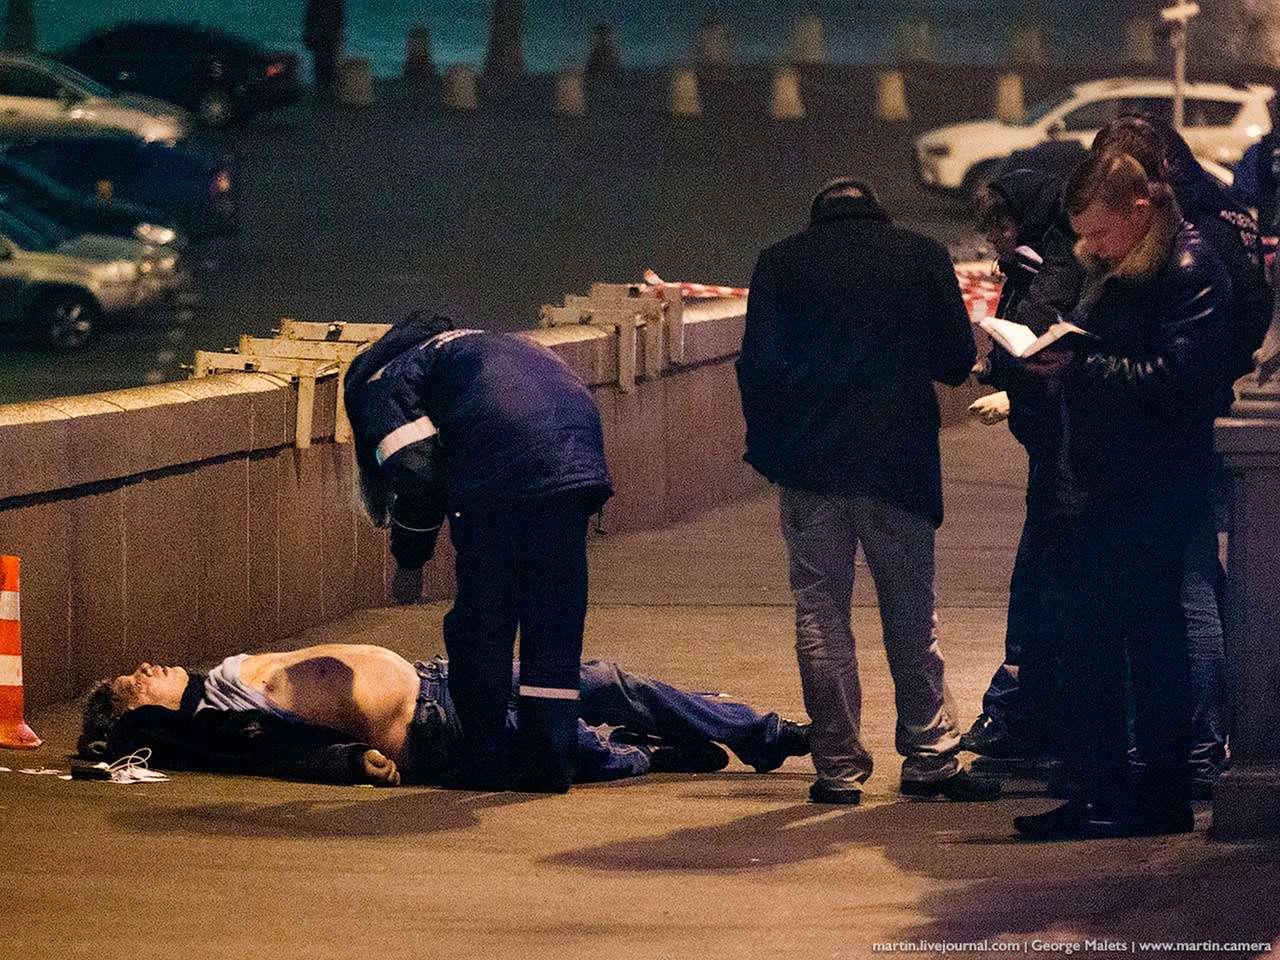 Policías rusos inspeccionan el cuerpo de Boris Nemtsov, líder de la oposición, en la Plaza Roja de Moscú, Rusia, el asesinato se dio un día antes de una gran manifestación de la oposición, el 28 de febrero de 2015. Foto: AP en español